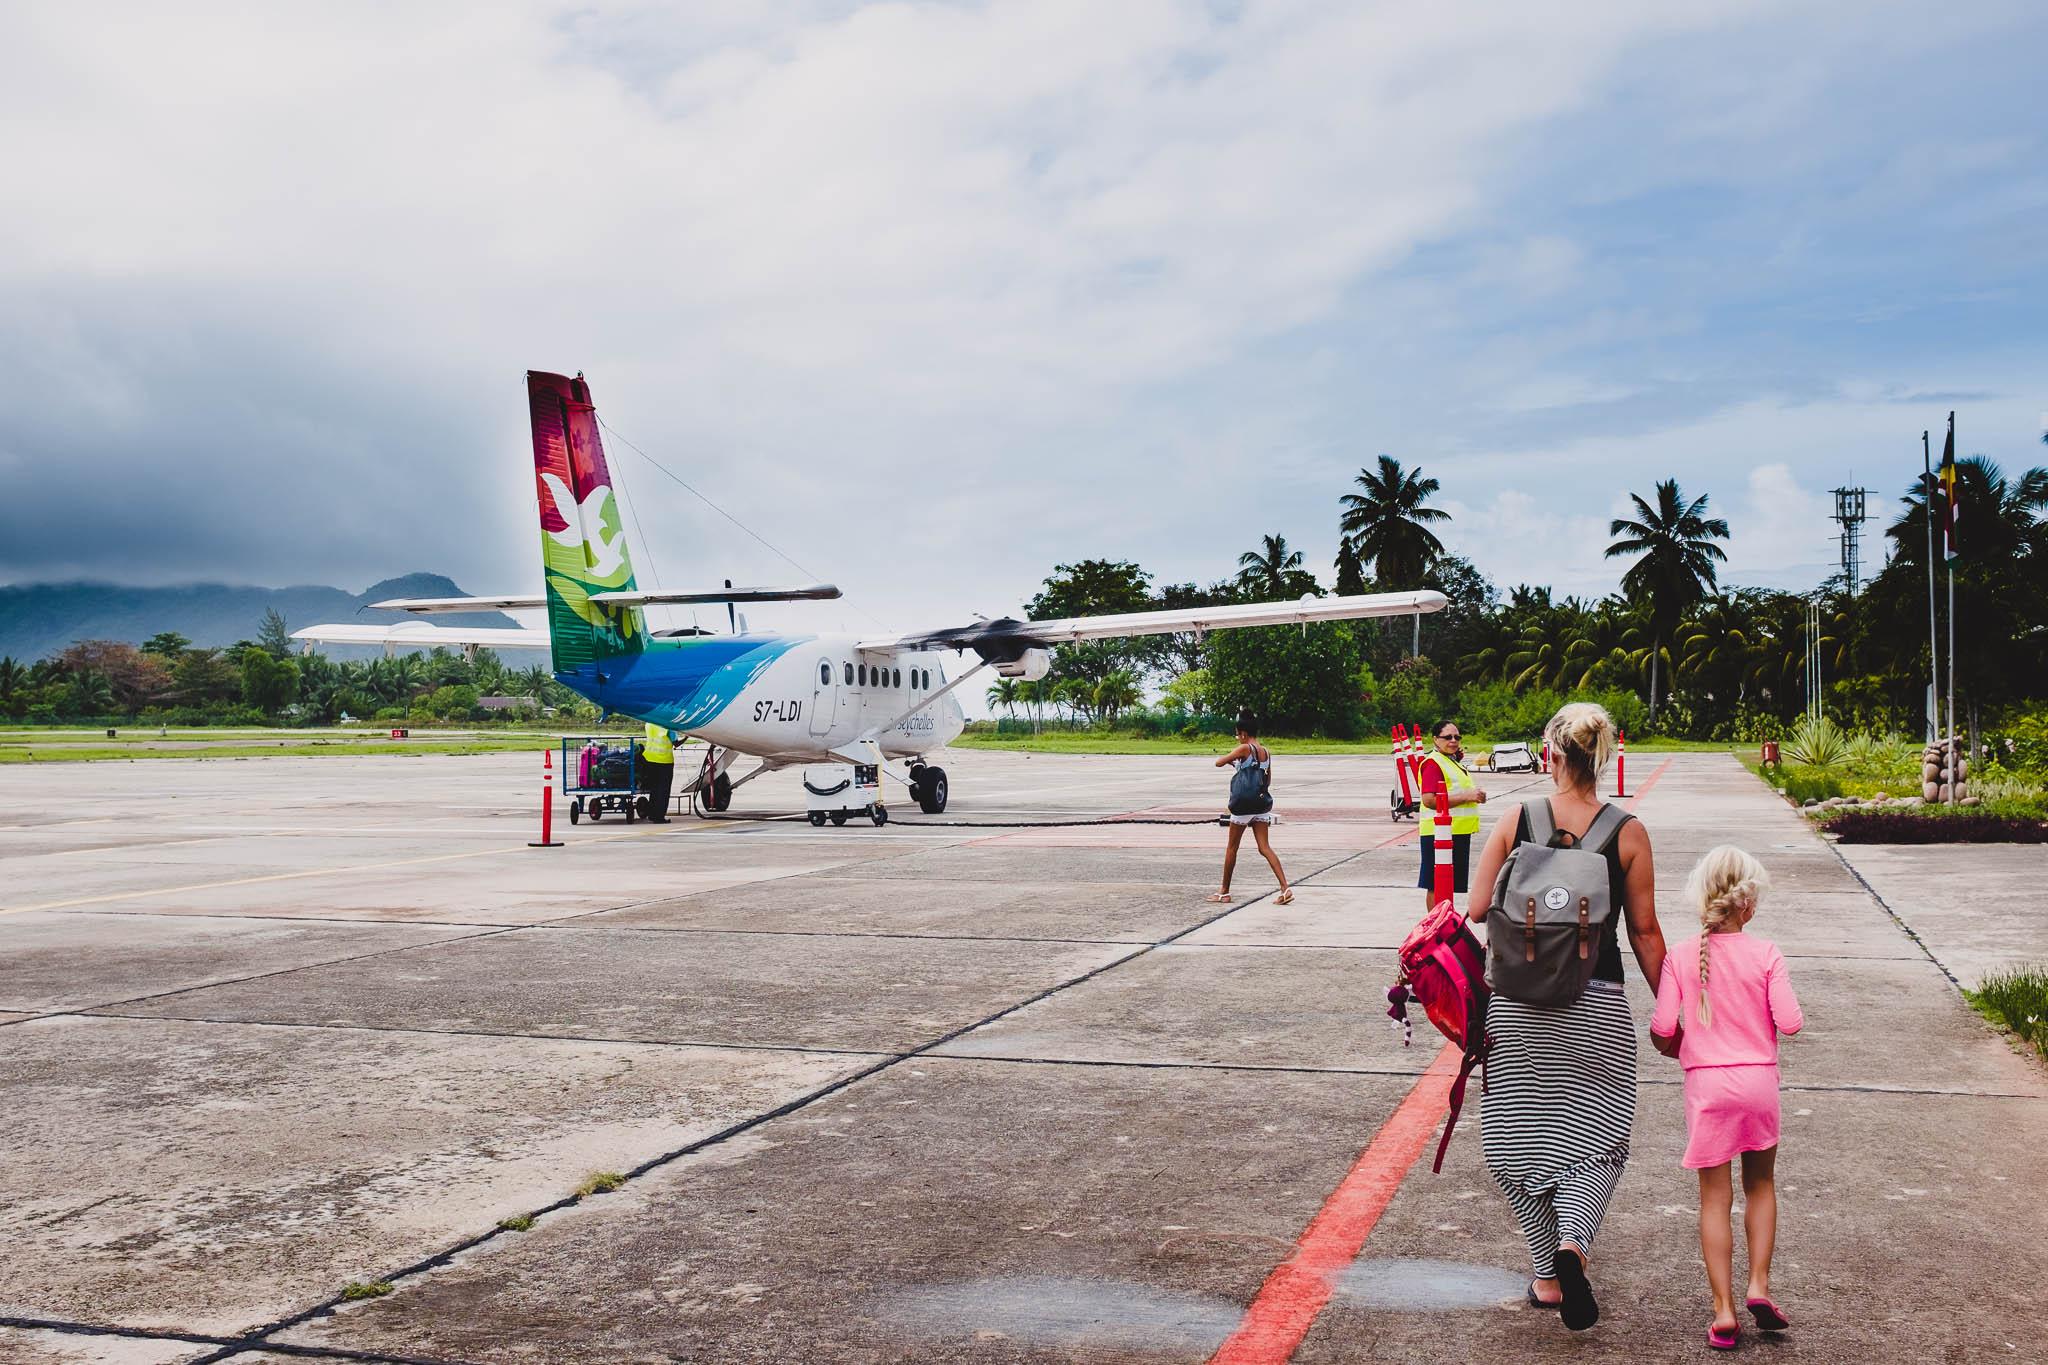 Foto verslag Seychellen vakantie Nico, Monique en Leela